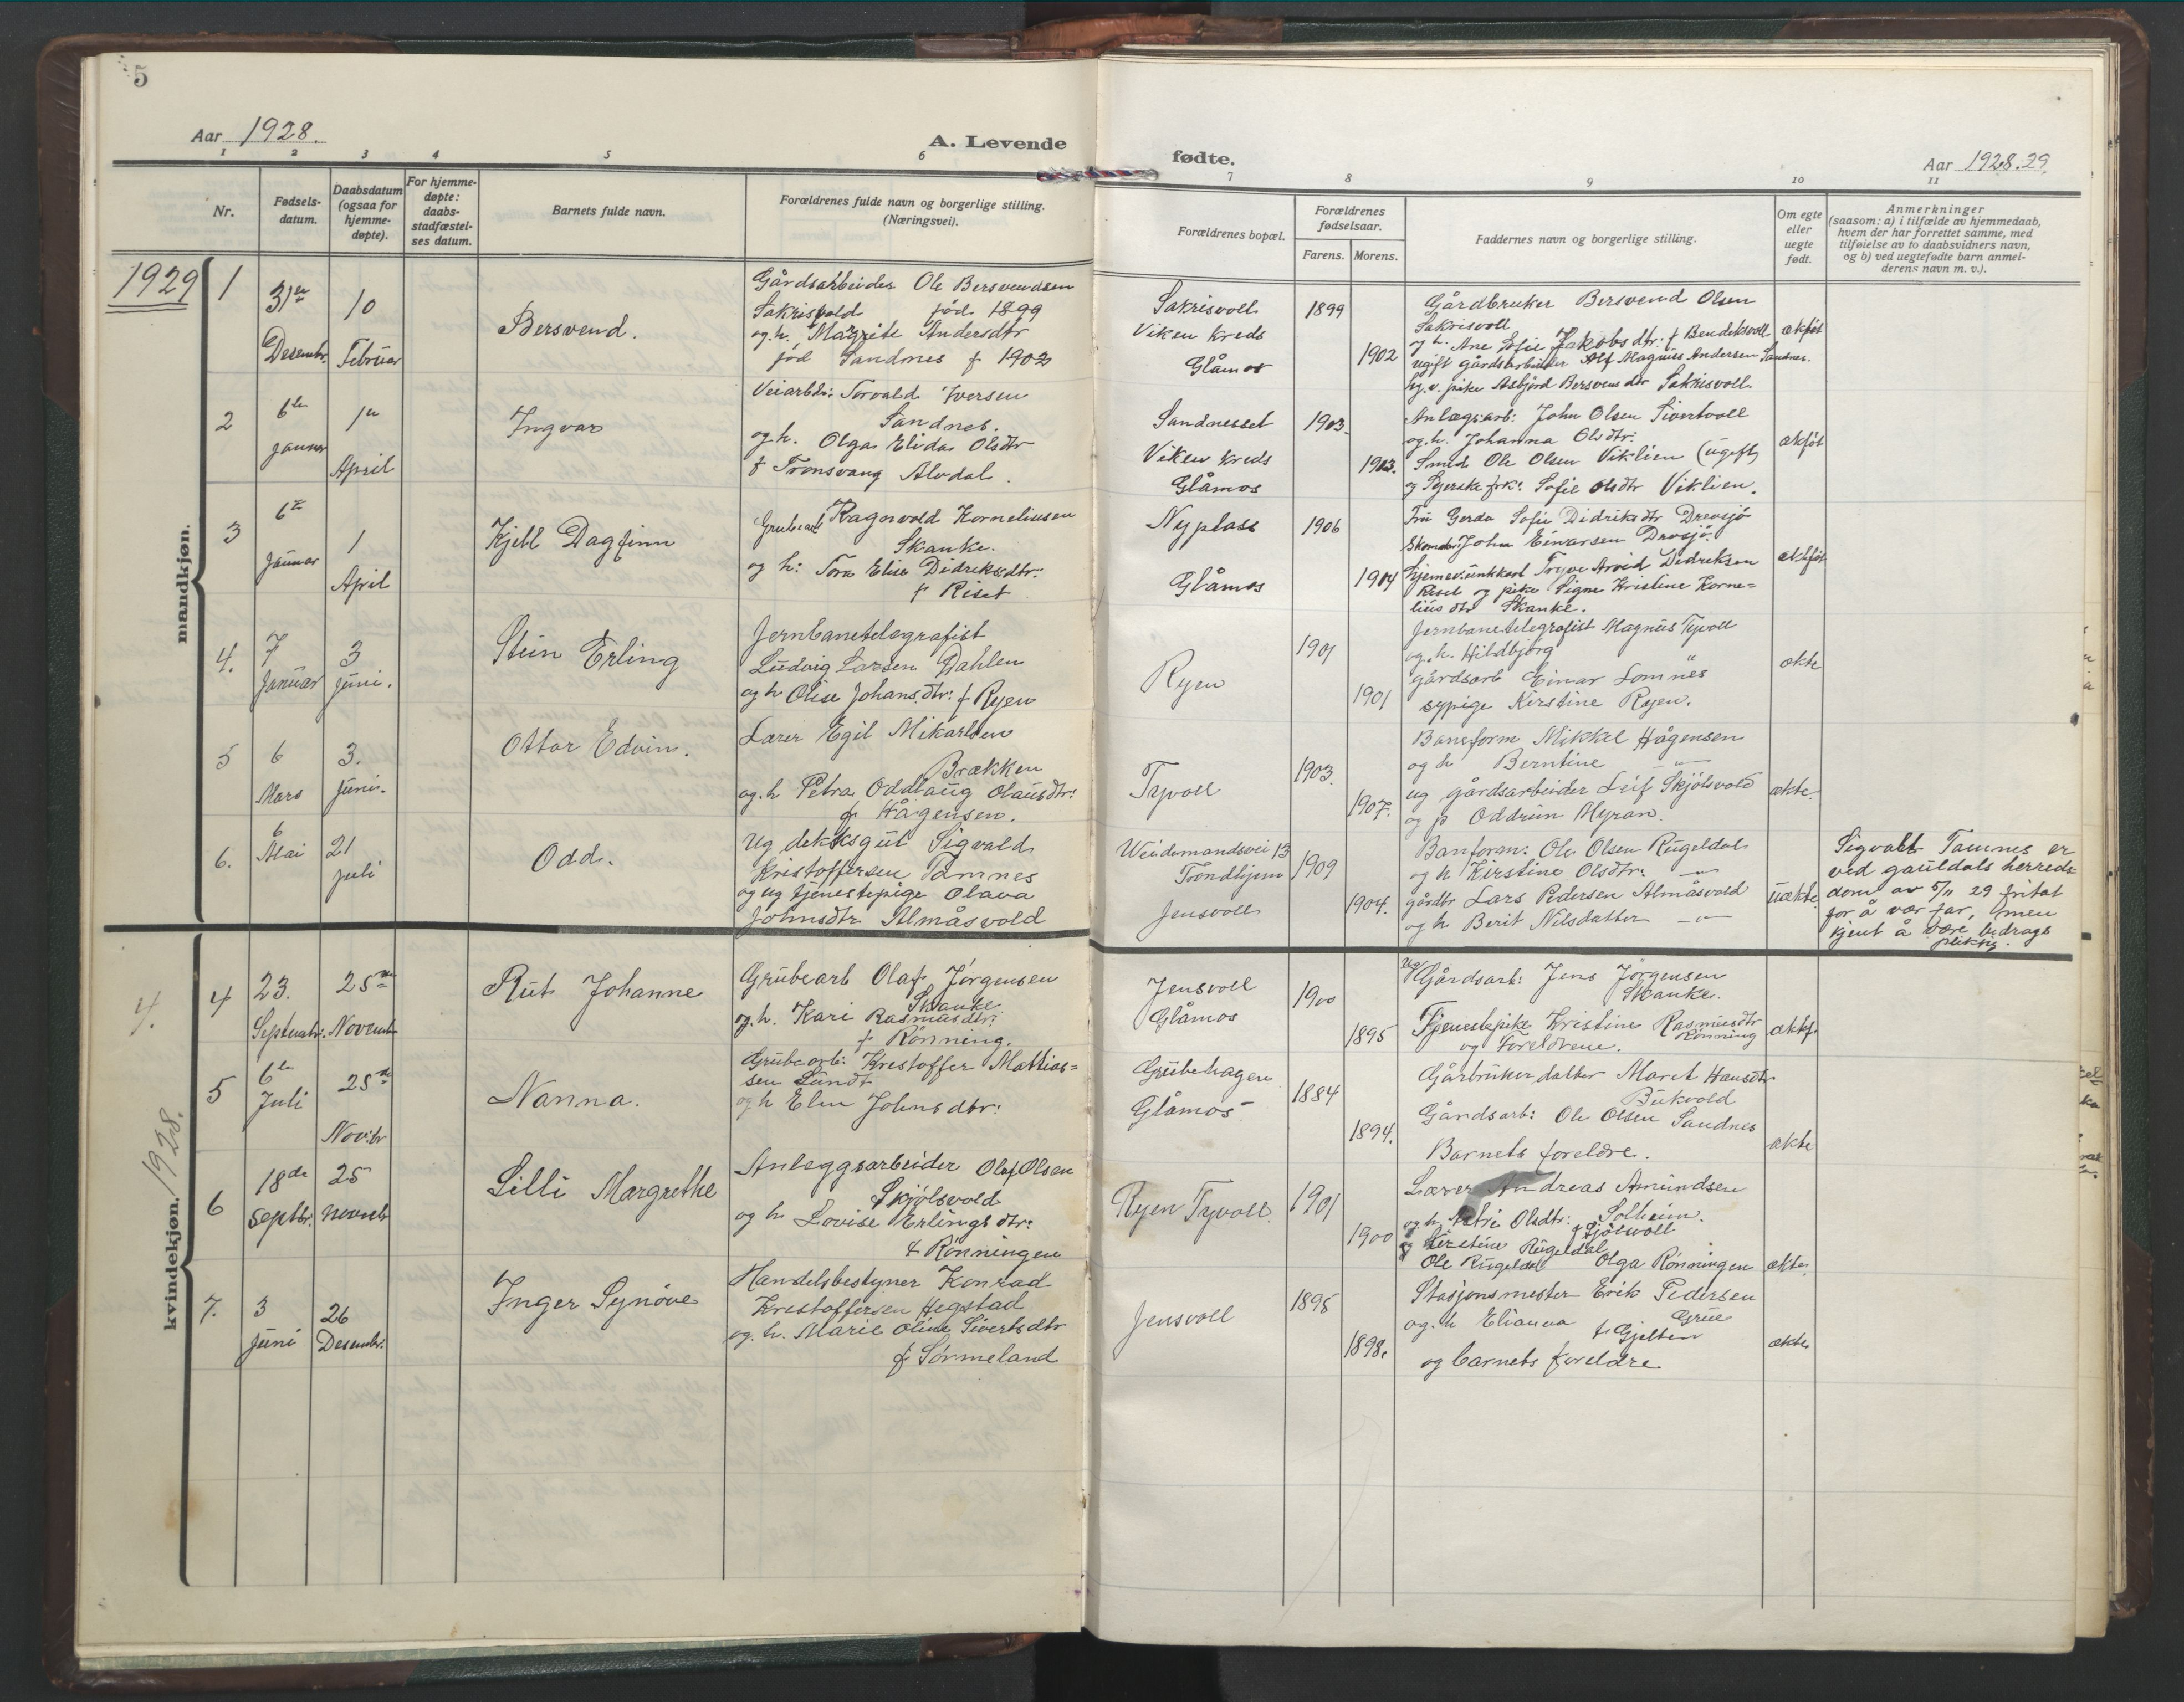 SAT, Ministerialprotokoller, klokkerbøker og fødselsregistre - Sør-Trøndelag, 682/L0947: Klokkerbok nr. 682C01, 1926-1968, s. 5